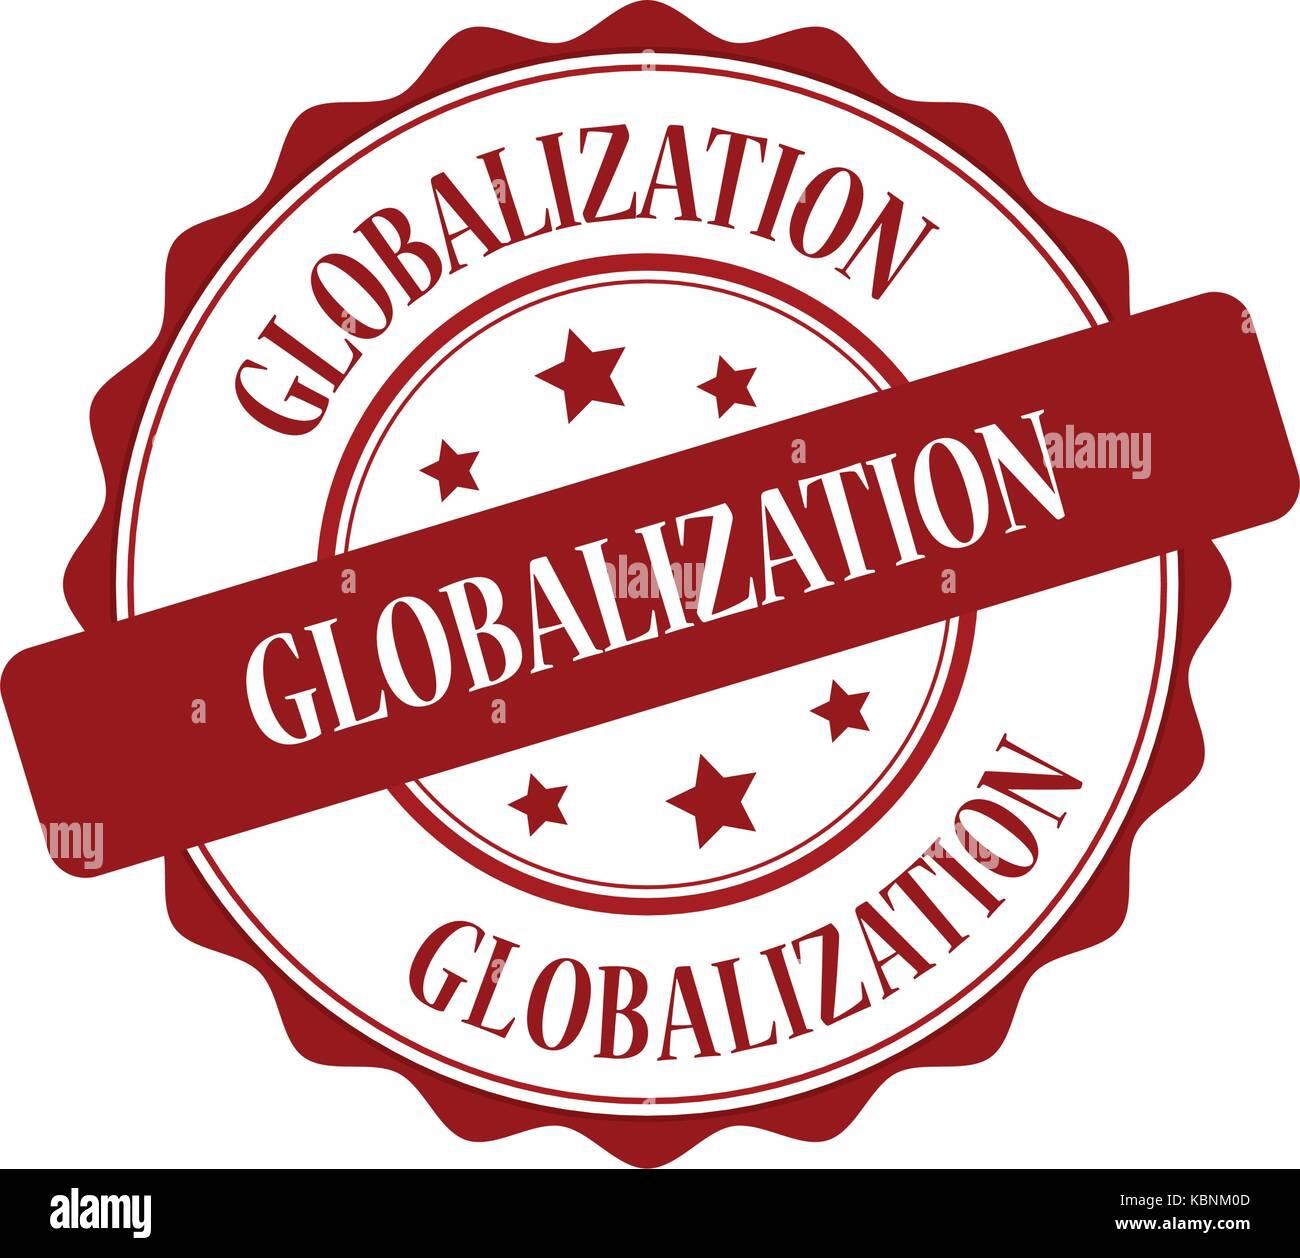 La globalizzazione francobollo rosso illustrazione Immagini Stock